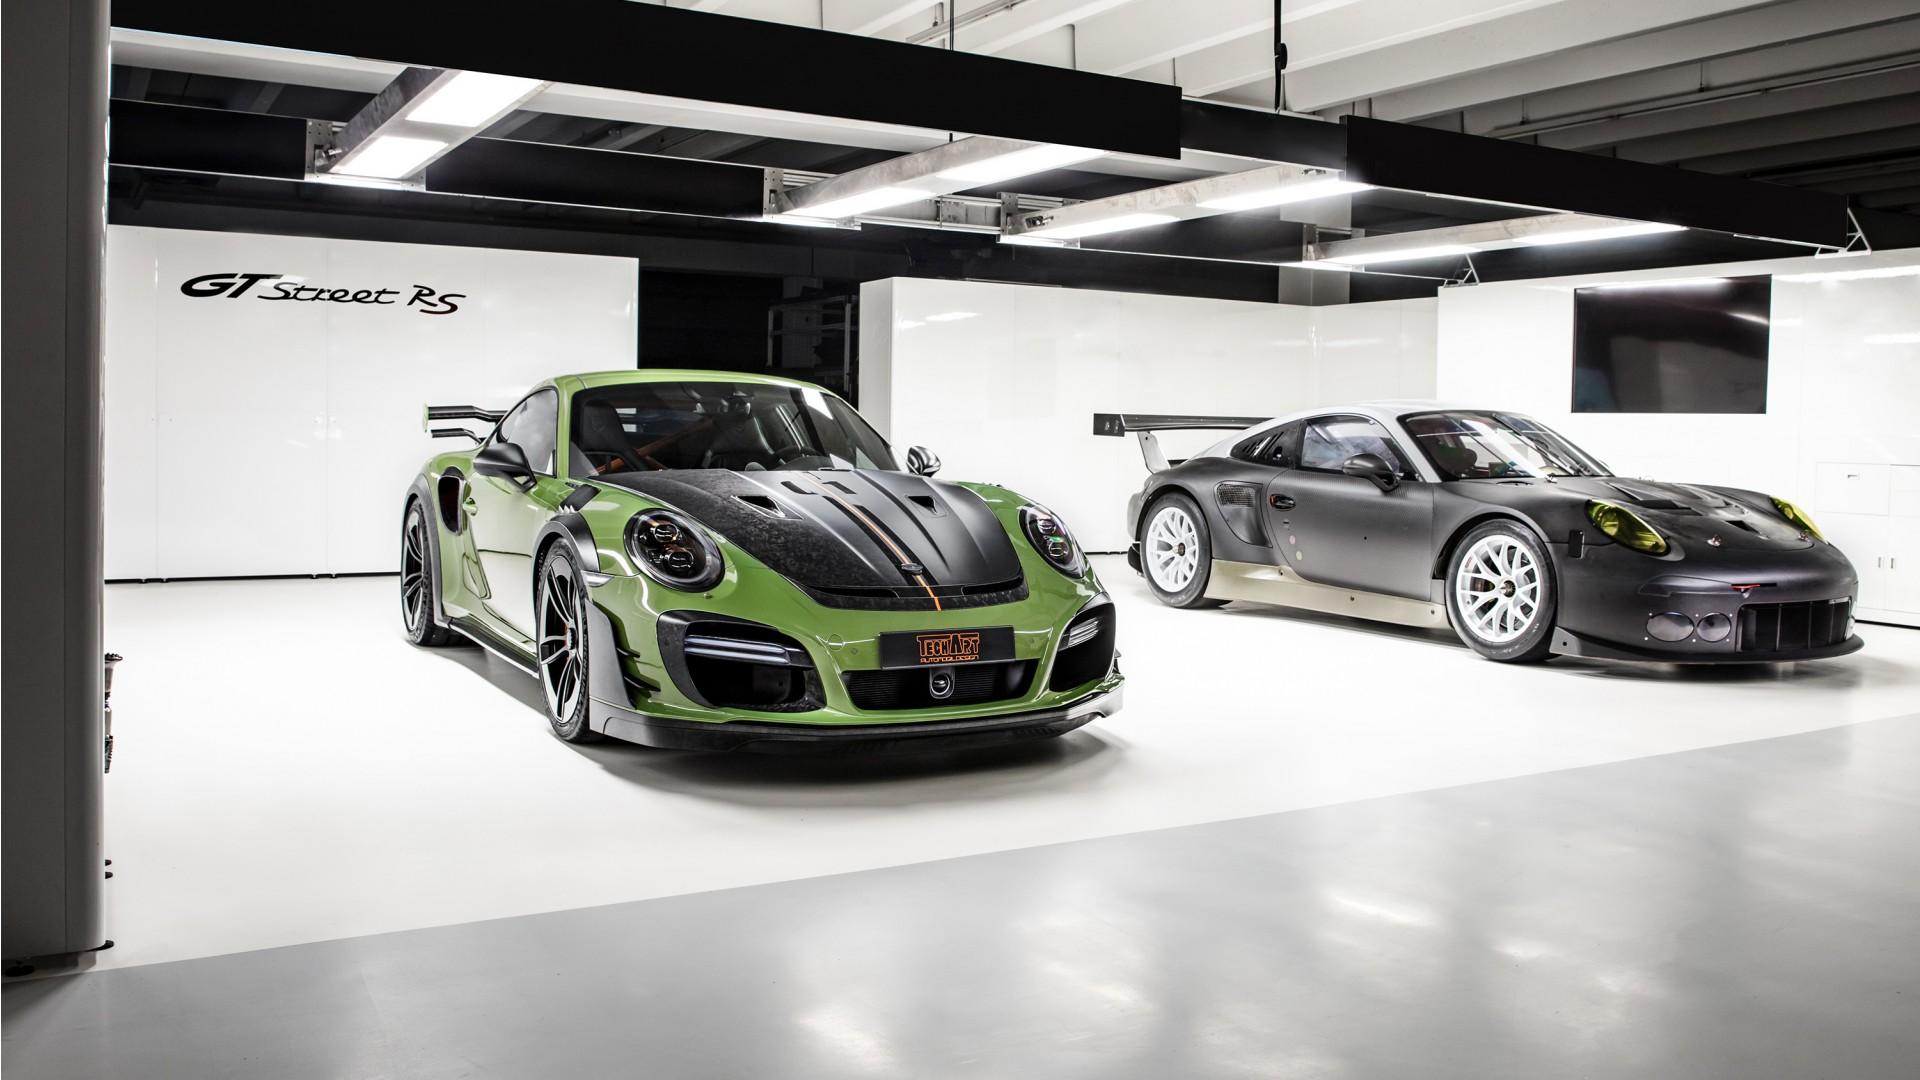 TechArt Porsche 911 Turbo GT Street RS 2019 Wallpaper   HD ...